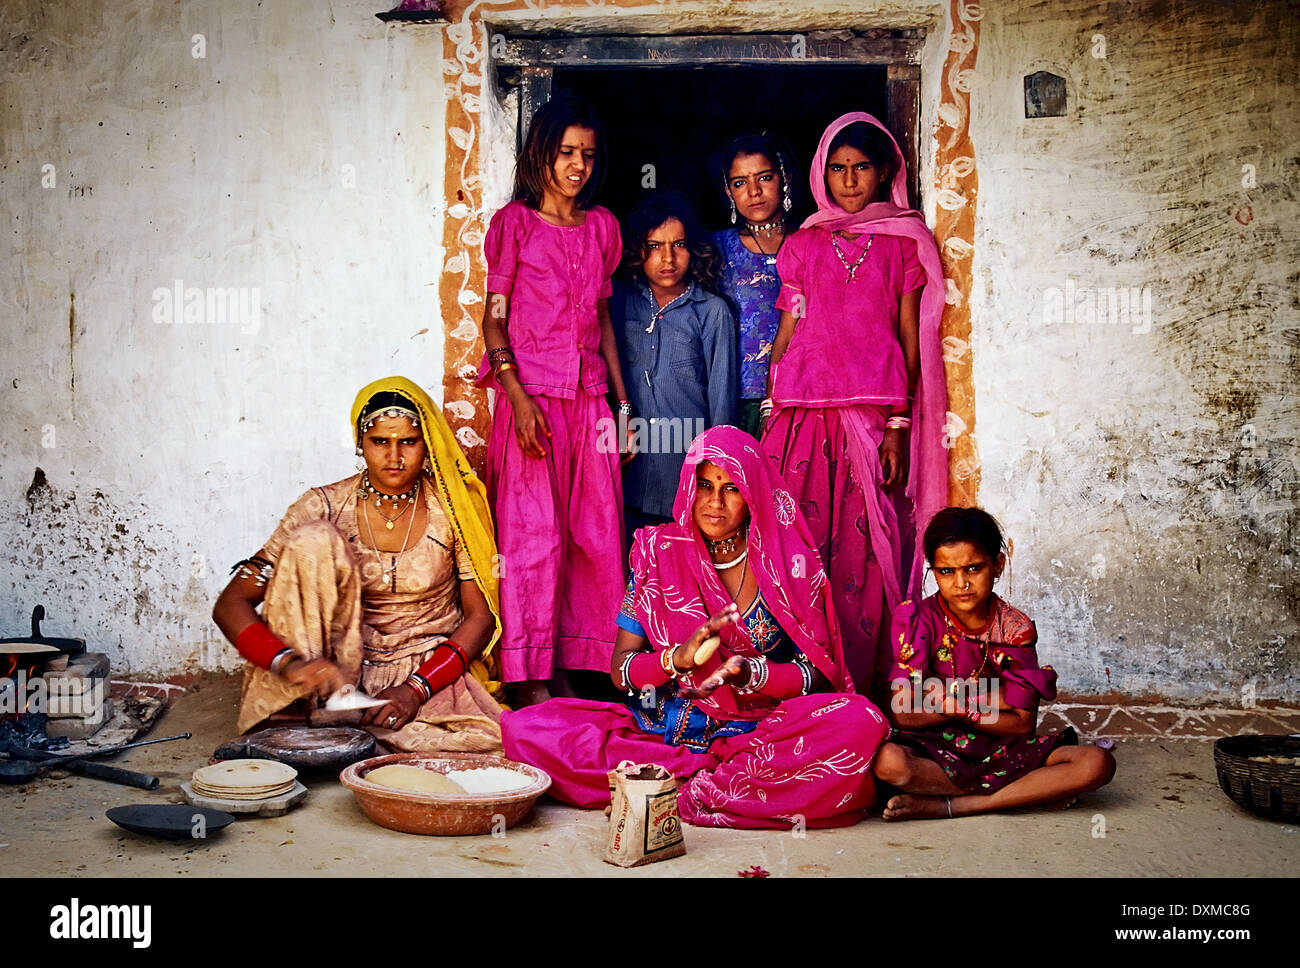 Indianerdorf-Familie in einem Hauseingang in einem Dorf in der Nähe von Jodhpur, Indien. Digital manipulierte Bild. Stockfoto